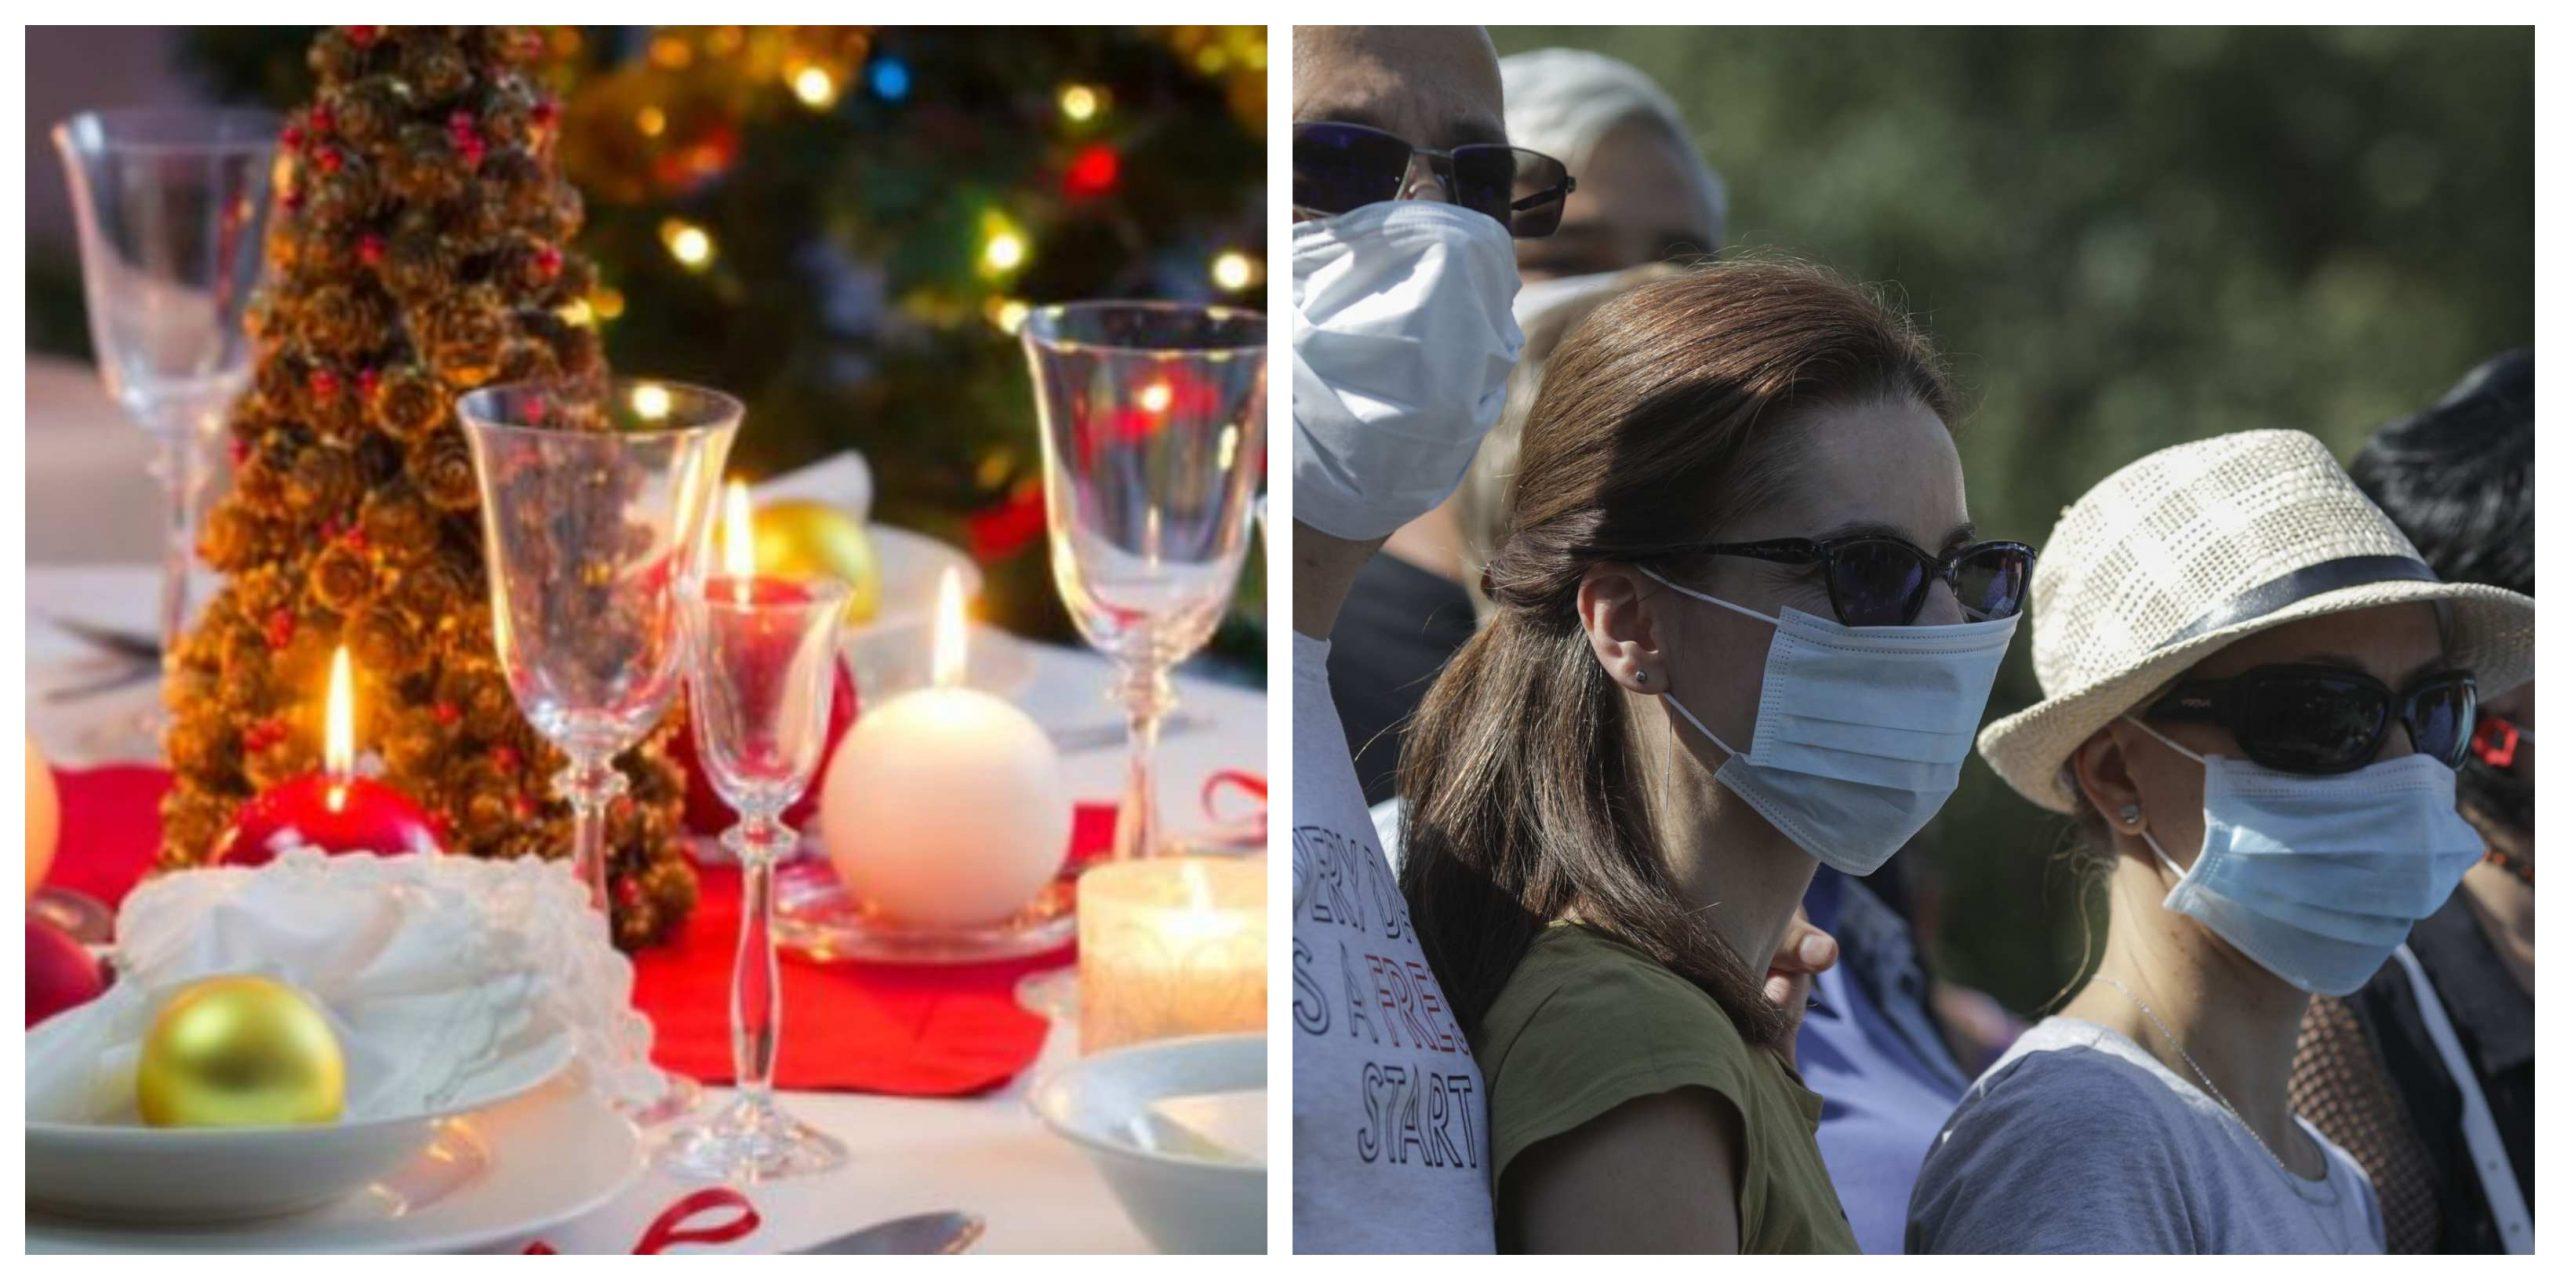 Reguli stricte de Crăciun și Revelion. Reacția unei turiste când a aflat că dansul este interzis